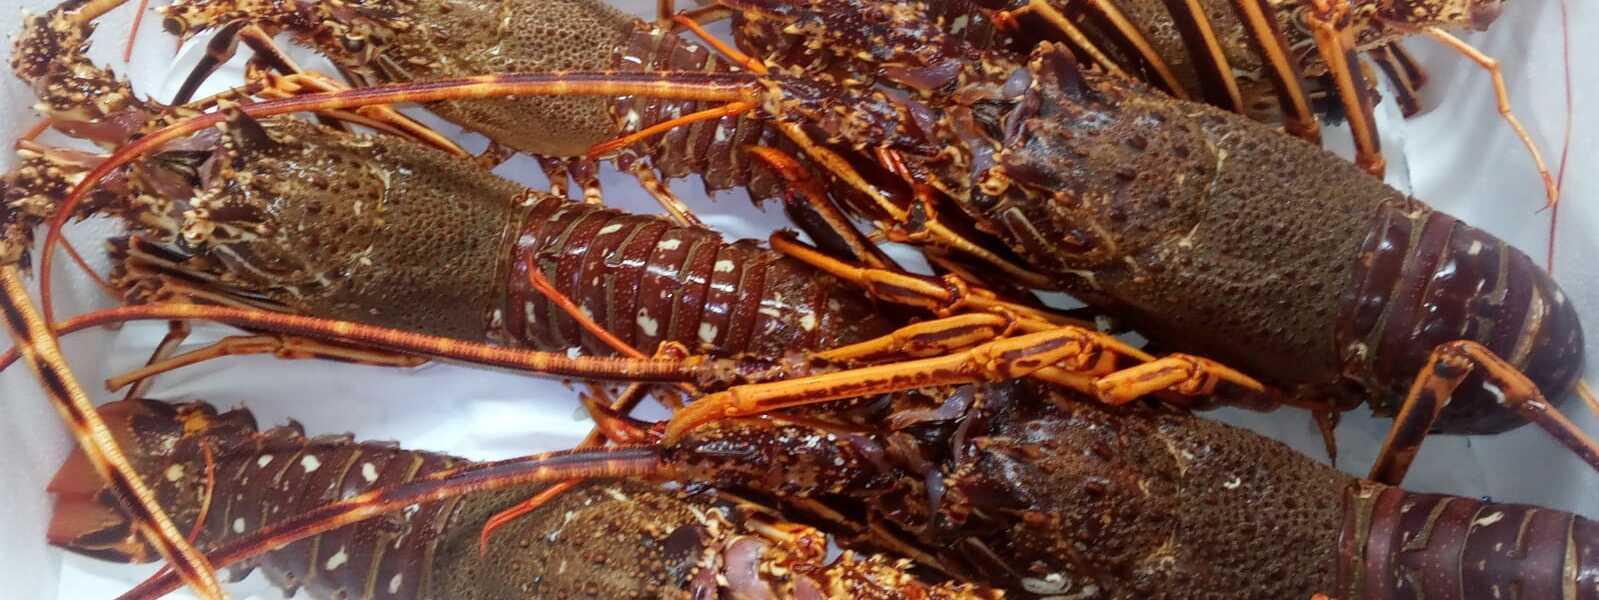 Langosta de Costa da Morte de Fresco y del Mar